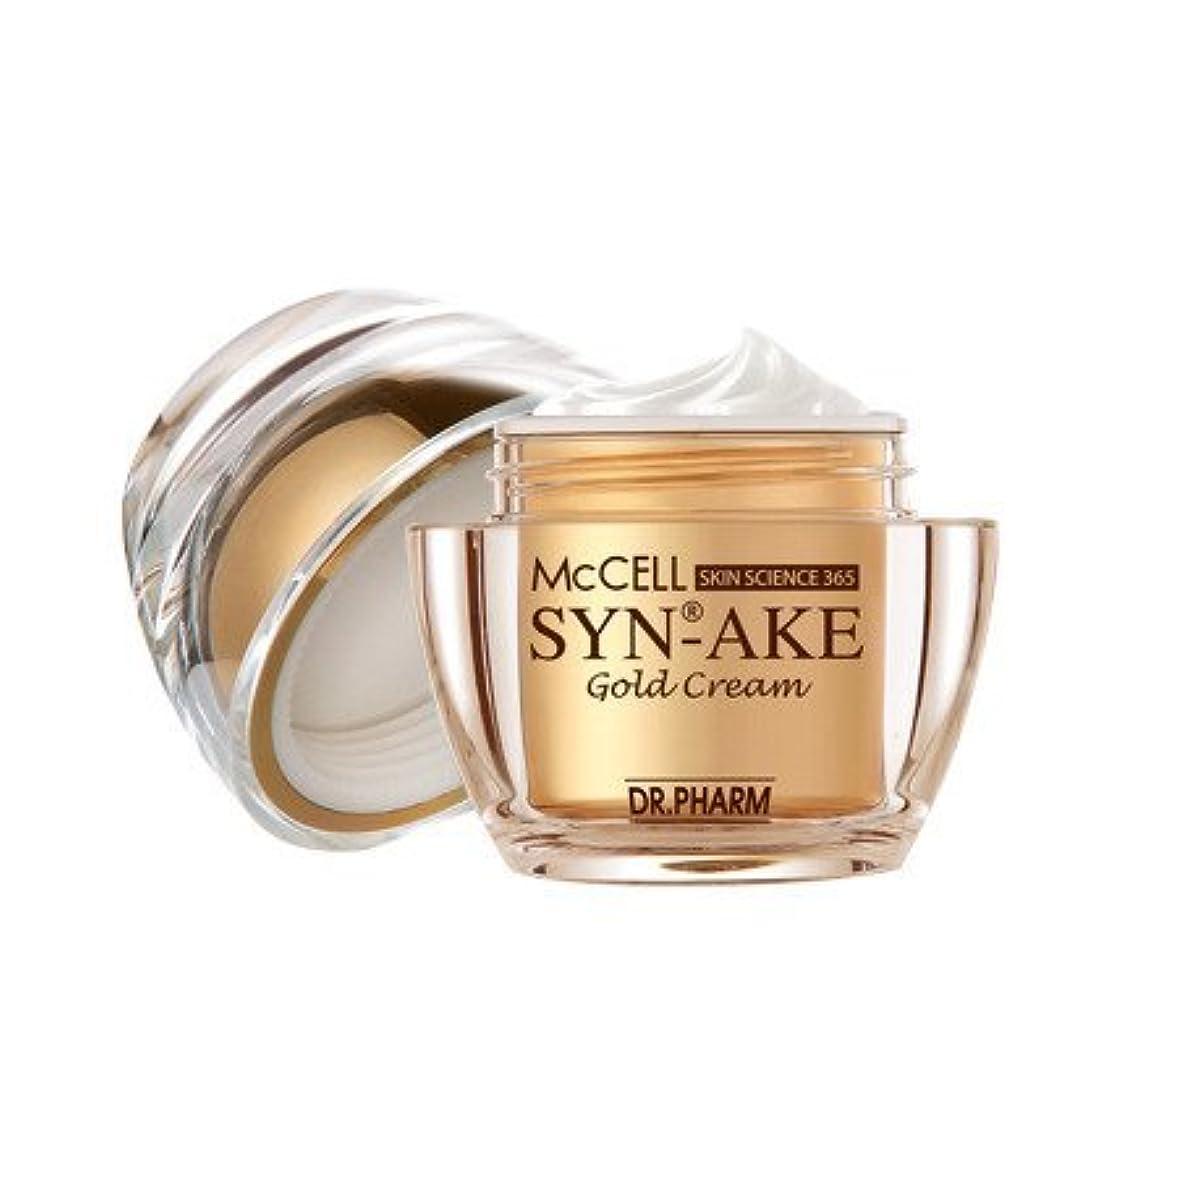 熱隙間もっとDr.Pharm マクセルスキンサイエンス365シネイクゴールドクリーム McCELL Synake gold cream